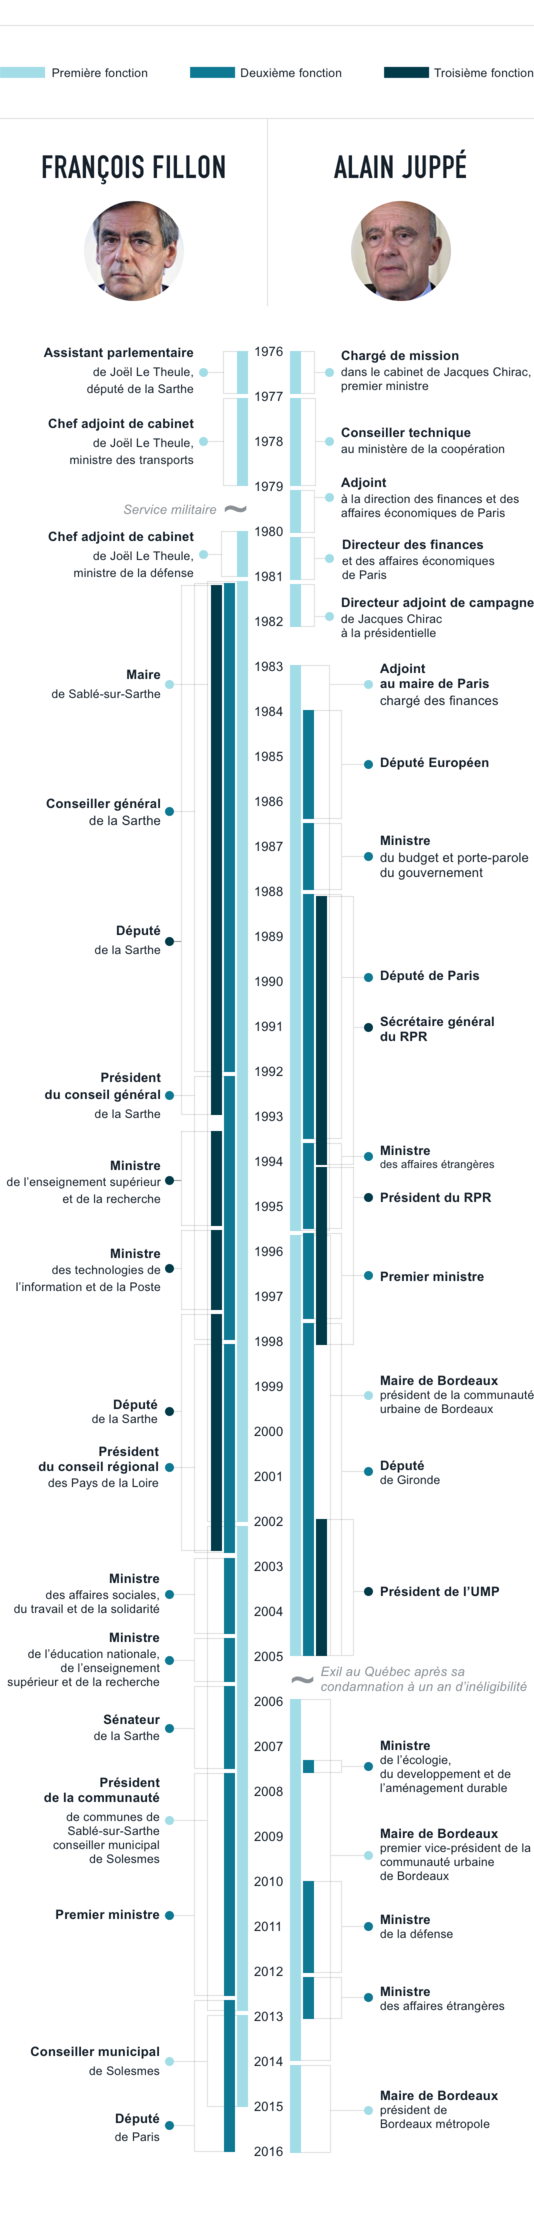 5038765_6_a58c_parcours-politique-de-fillon-et-juppe-cumul_0bb053e22890910a288d857df1819611